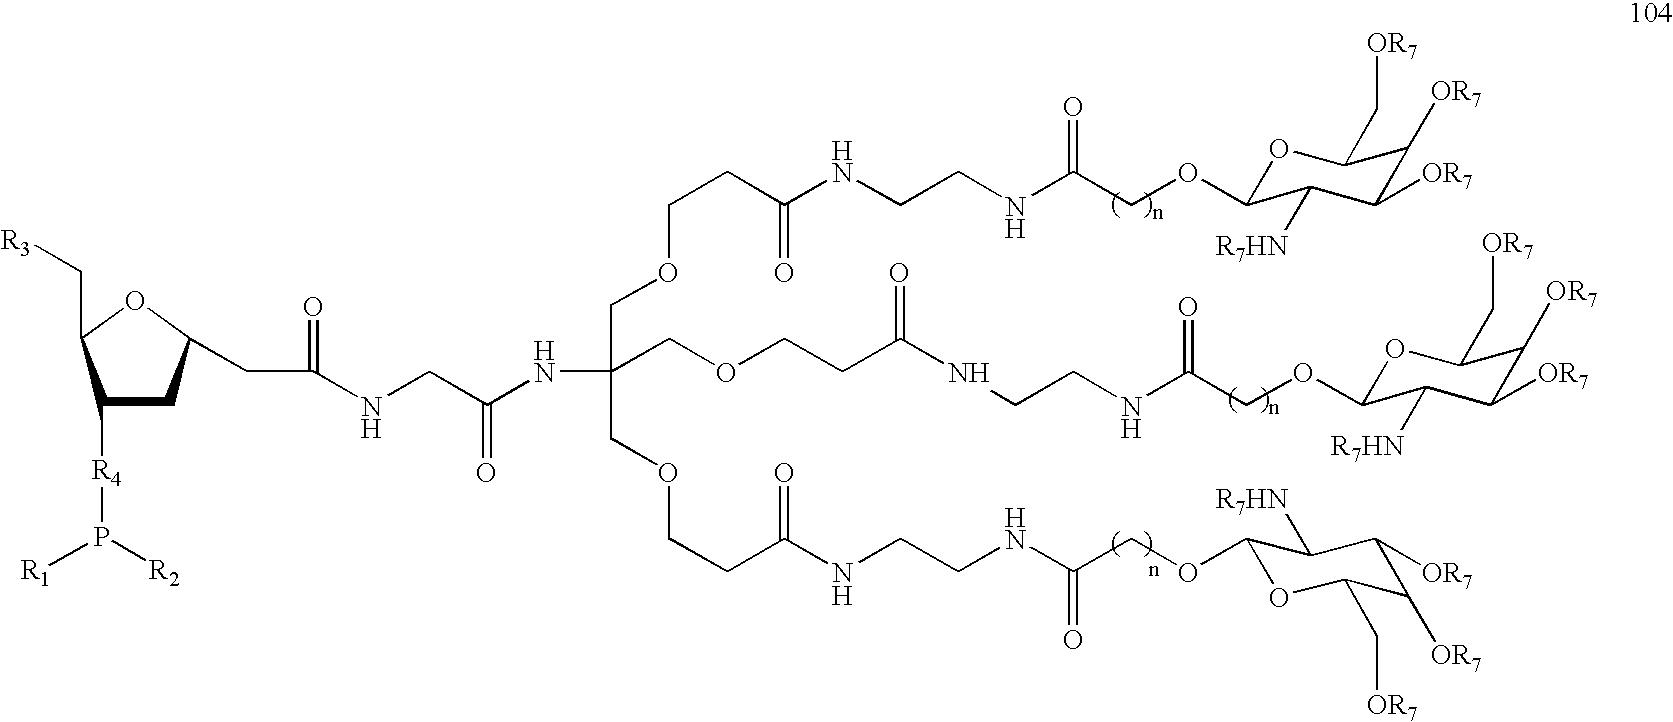 Figure US20040192626A1-20040930-C00058